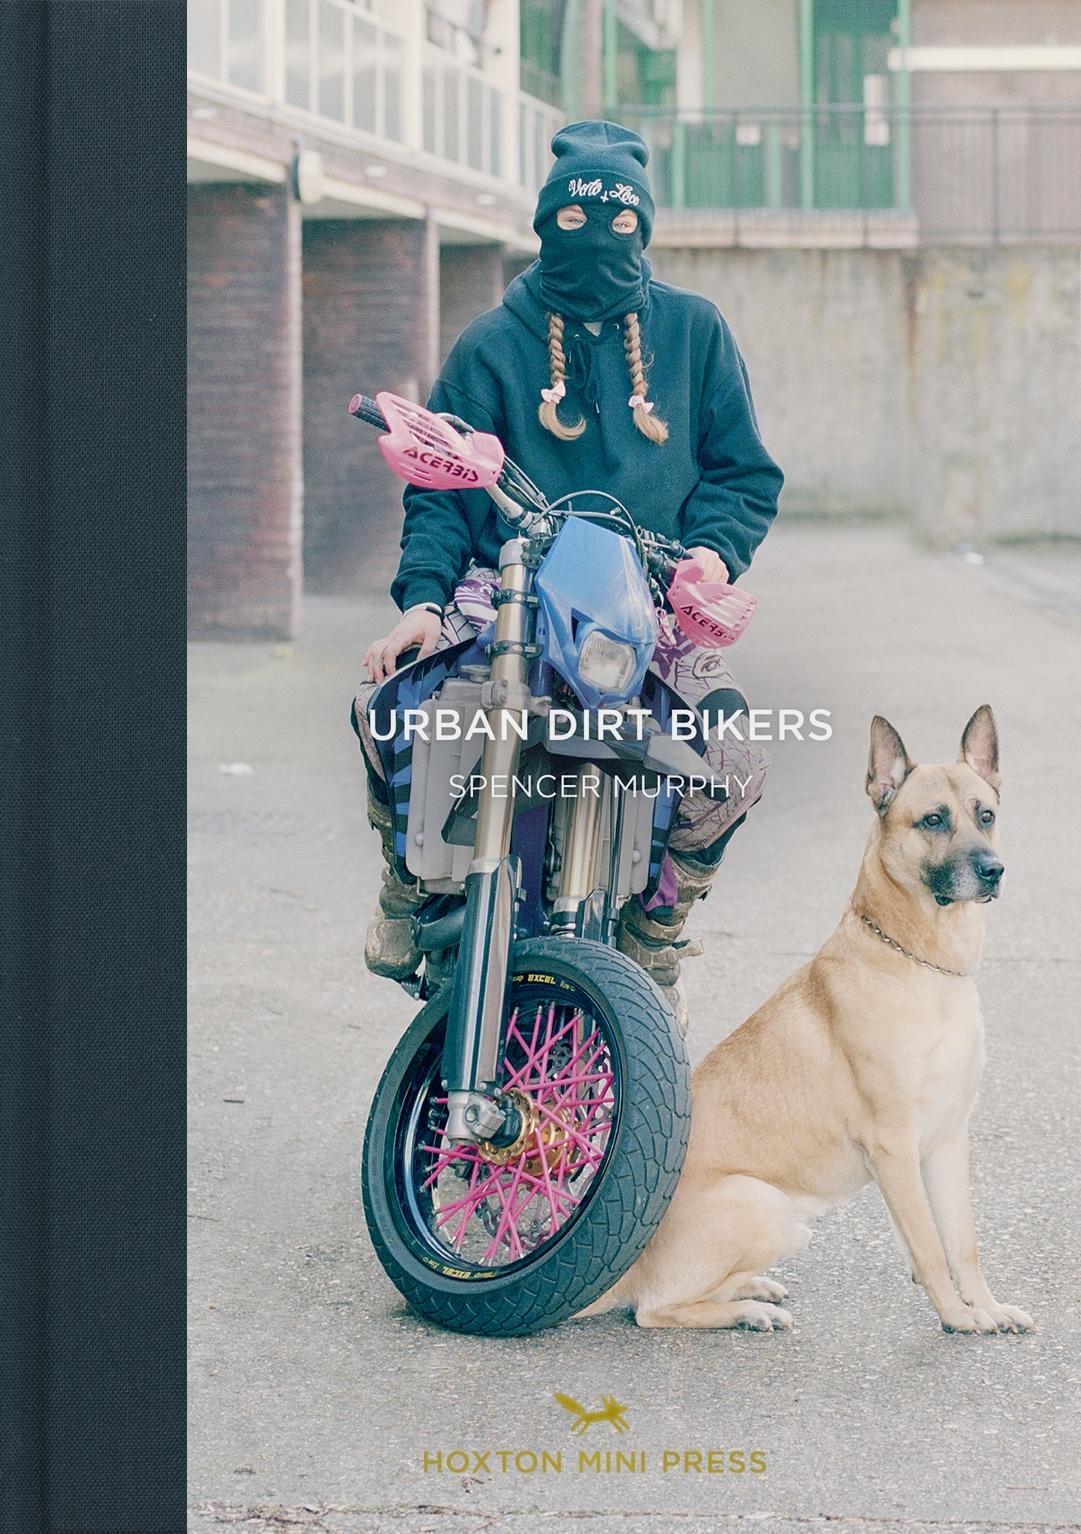 Urban-Dirt-Bikers-cover.jpg